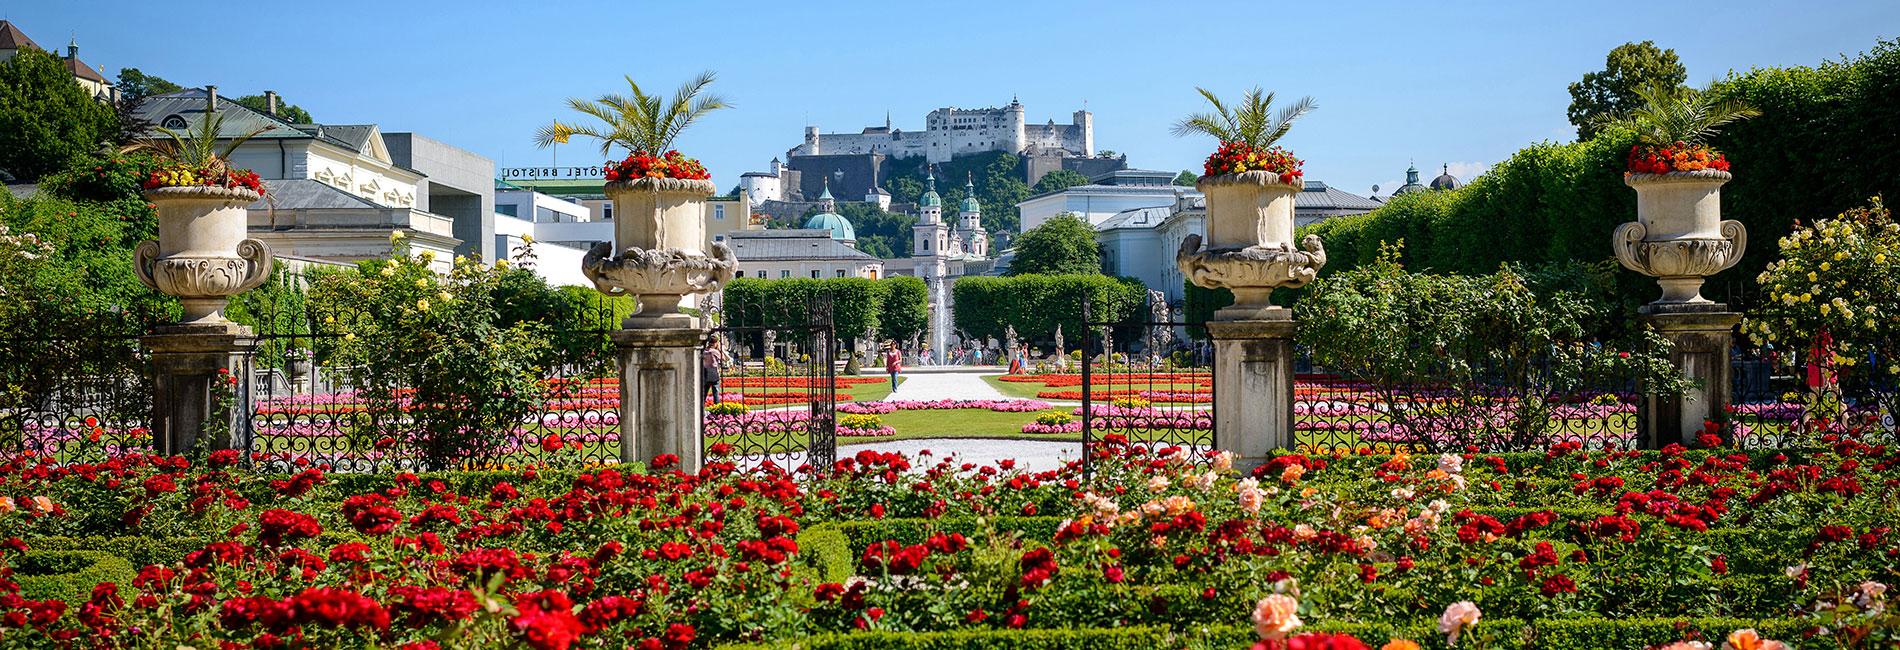 Salzburg Guide Tourismus - Mirabellgarten